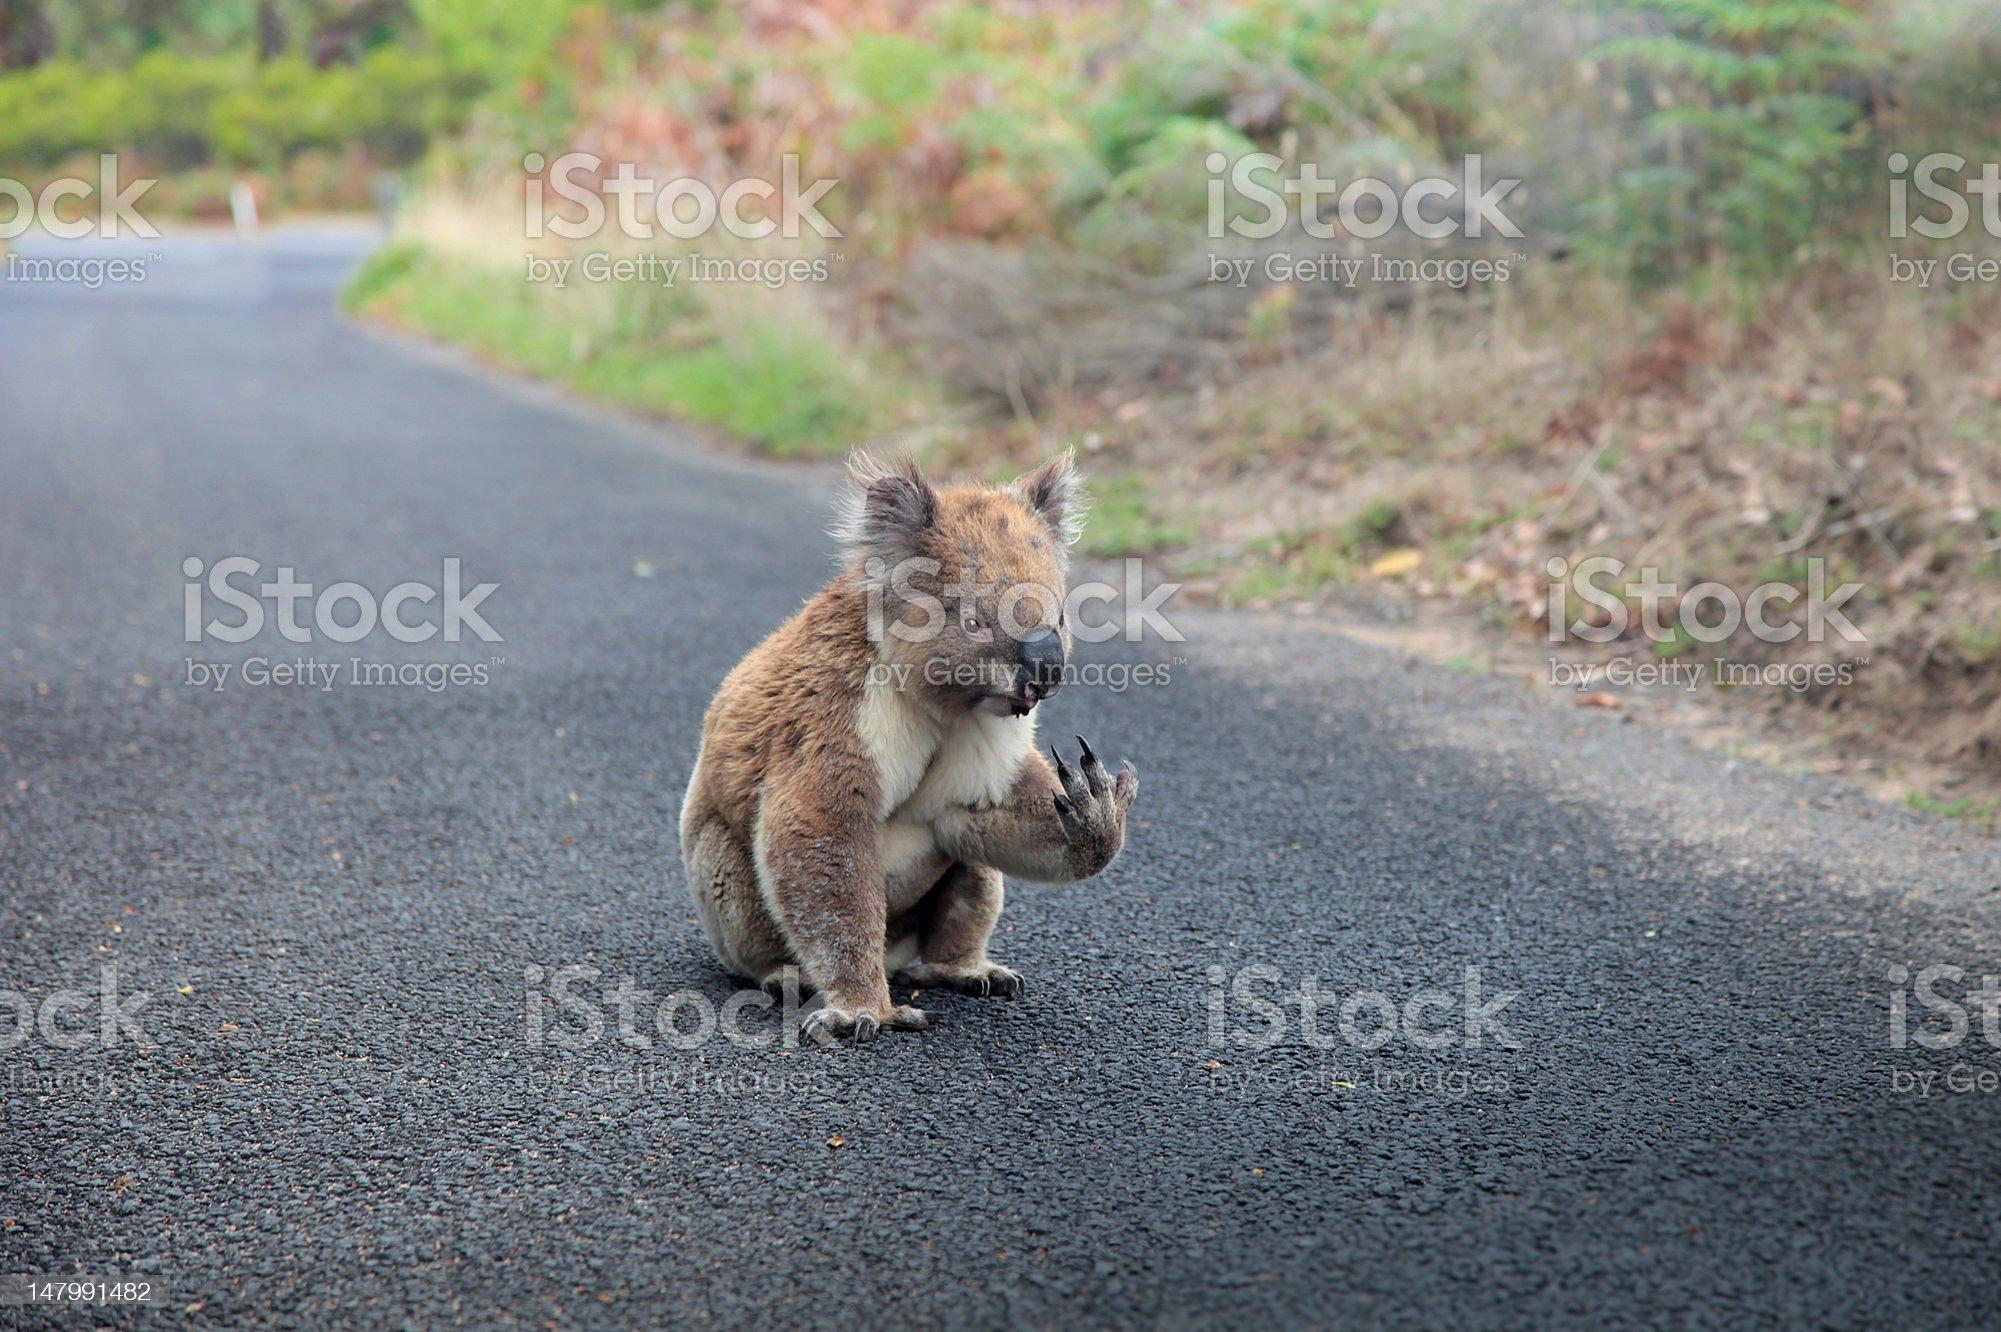 Caution: Koala on the road! royalty-free stock photo